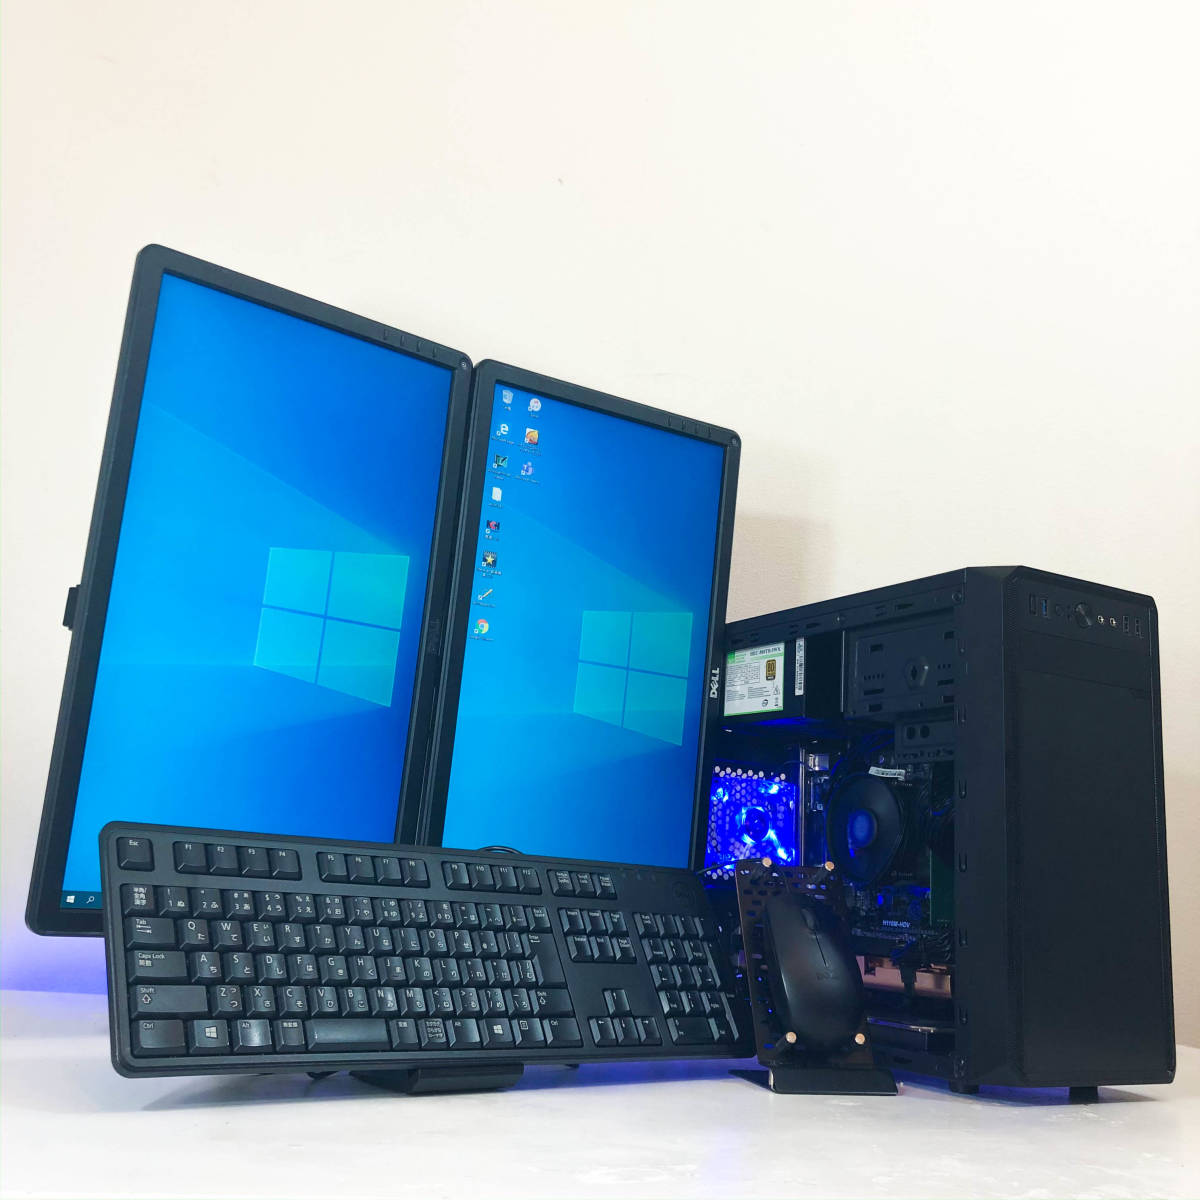 【極品2モニタ-セットゲーミングPC】i7-2600/FX/デイトレ/株/office2020/ストレージ5740G